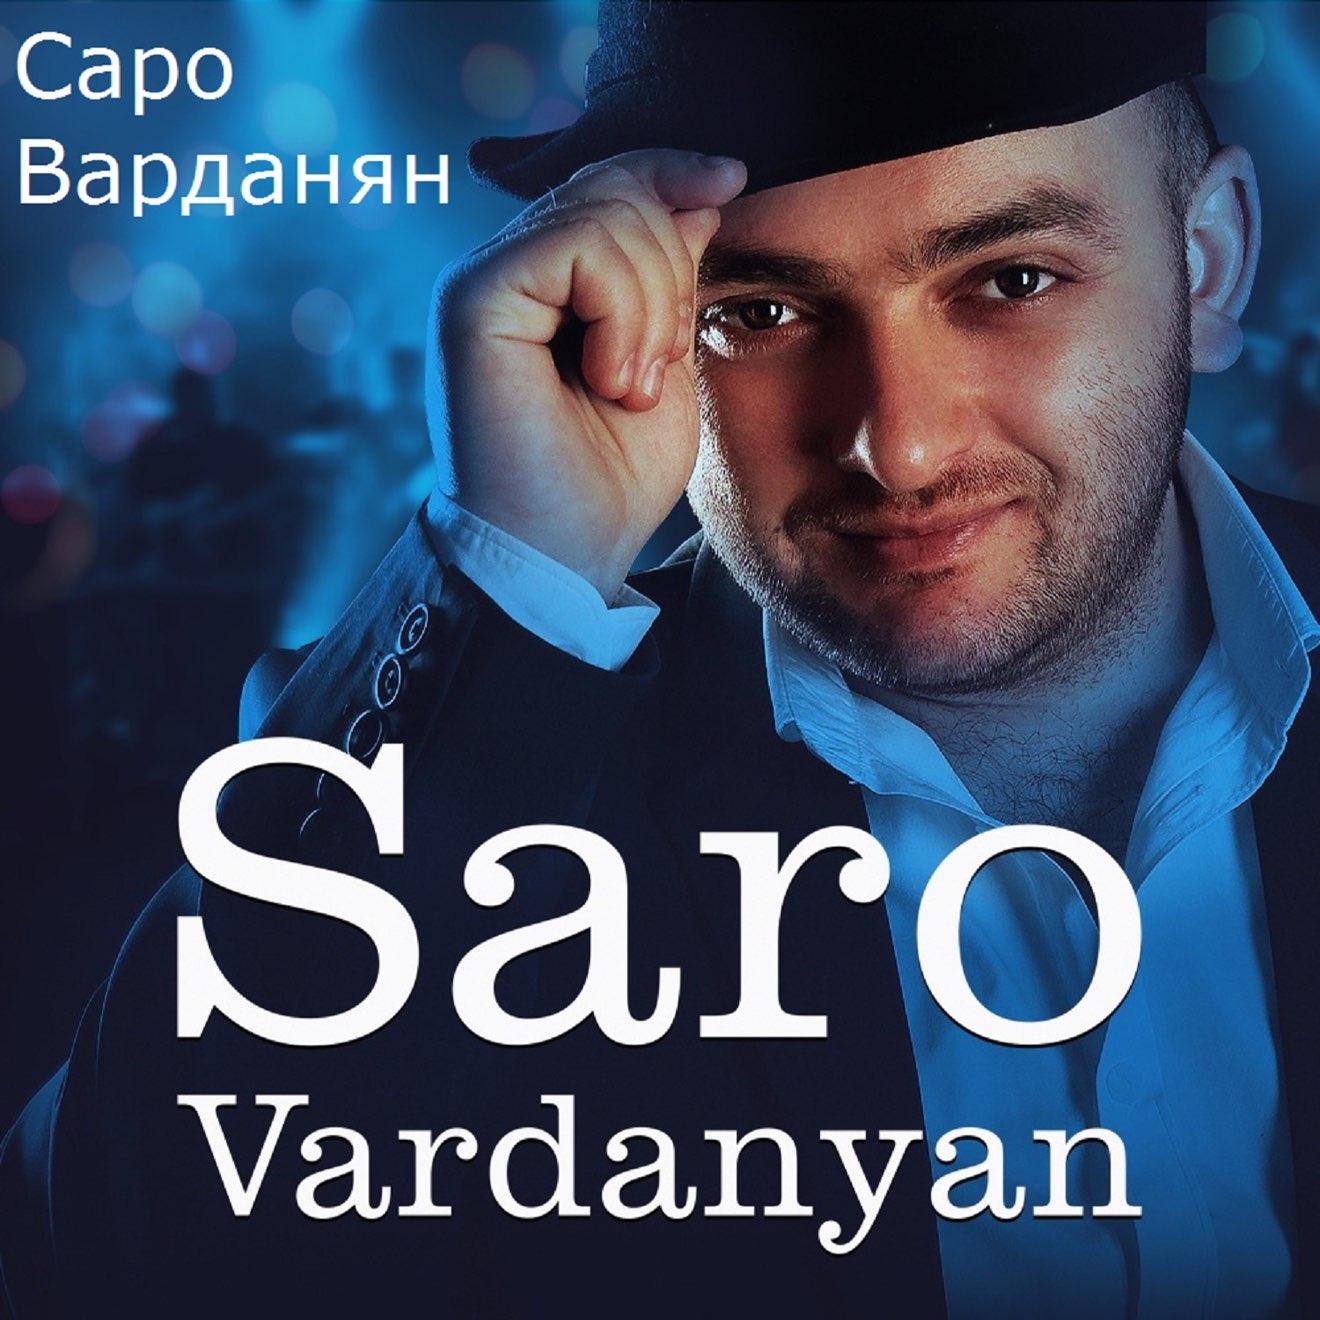 Саро Варданян